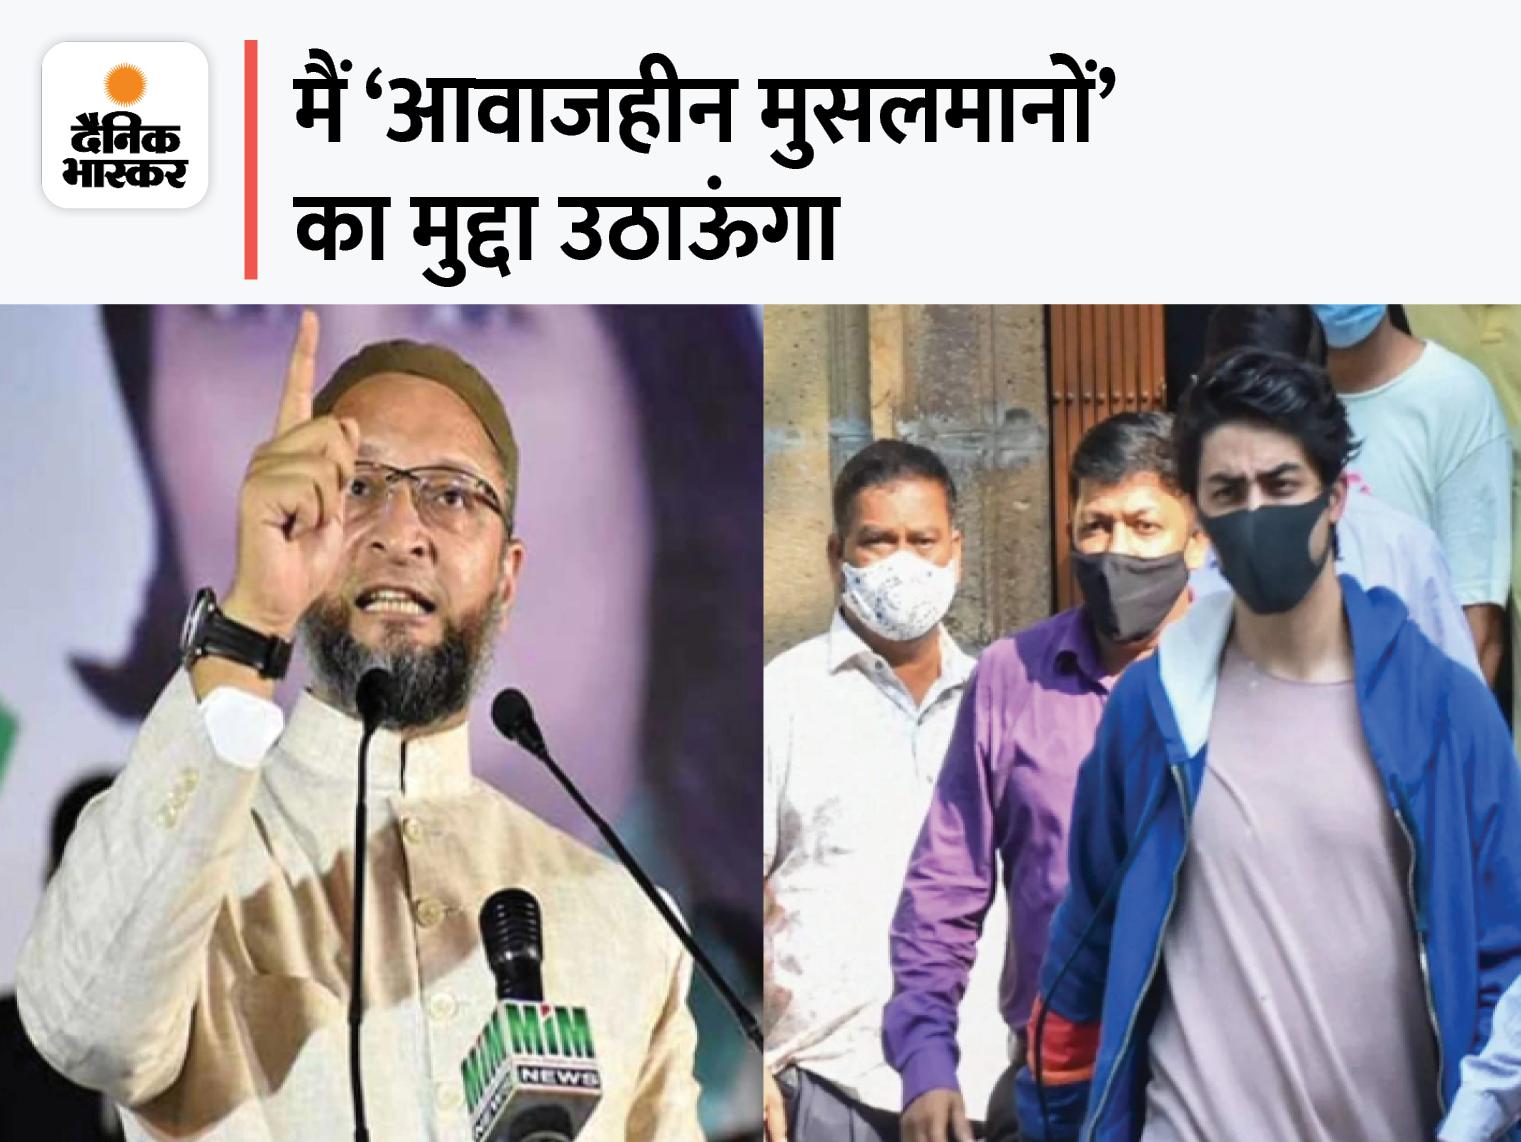 असदुद्दीन ओवैसी ने कहा- यूपी की जेल में बंद मजलूमों की बात करूंगा, उनकी नहीं जिनके पिता रसूखदार|बॉलीवुड,Bollywood - Dainik Bhaskar